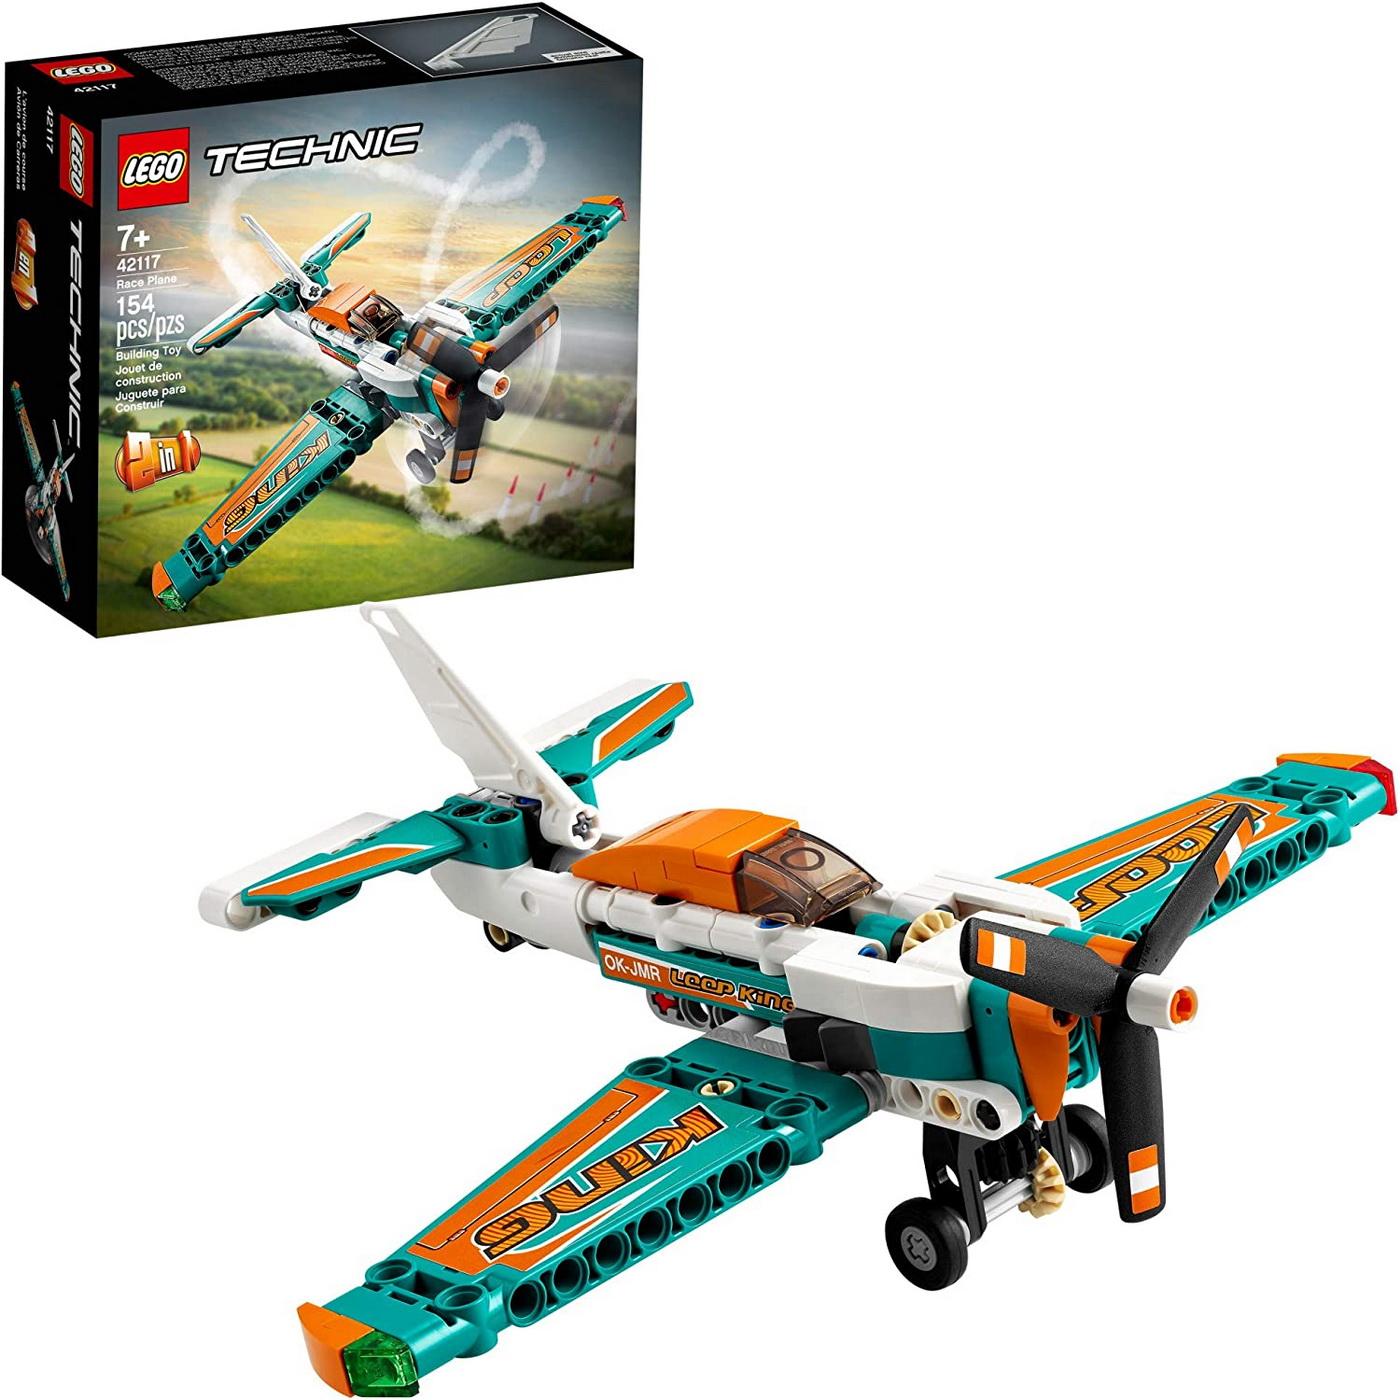 LEGO Technic - Race Plane (42117)   LEGO - 9